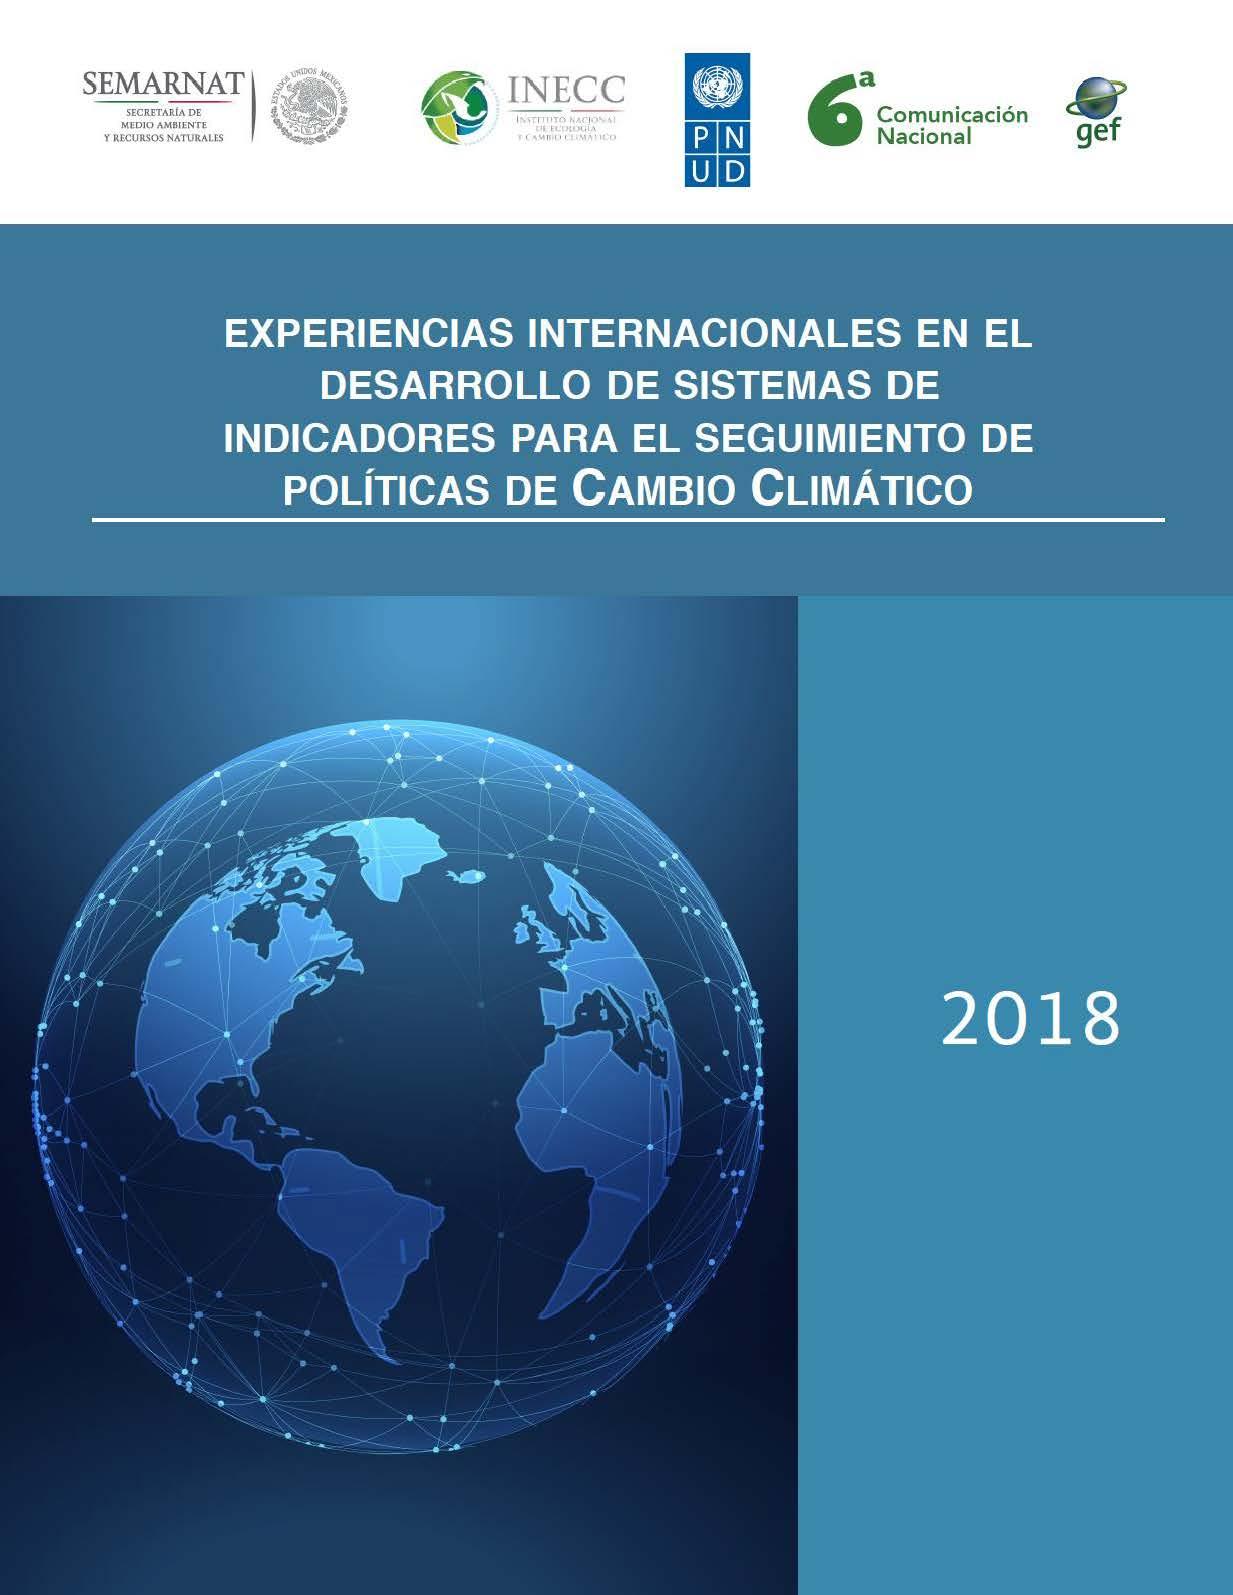 """Reporte """"Experiencias Internacionales en el Desarrollo de Sistemas de Indicadores para el seguimiento de la Políticas de Cambio Climático"""", 2018"""